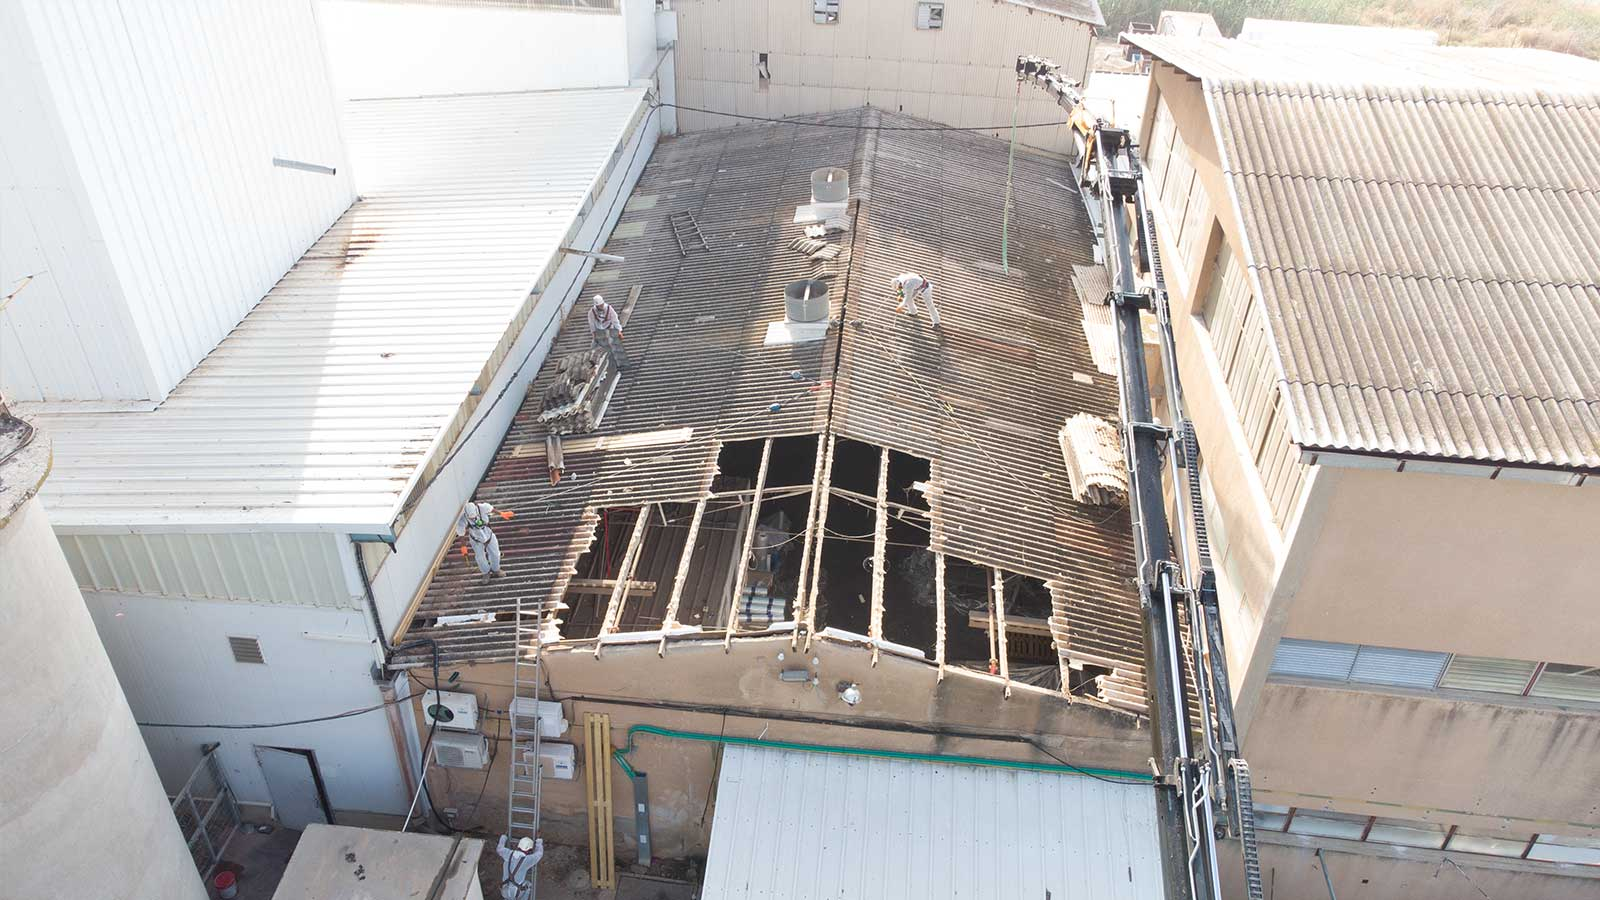 קיבוץ שדה נחום מפעל אבדת החלפת גגות אסבסט לפאנל מבודד 1500 מר